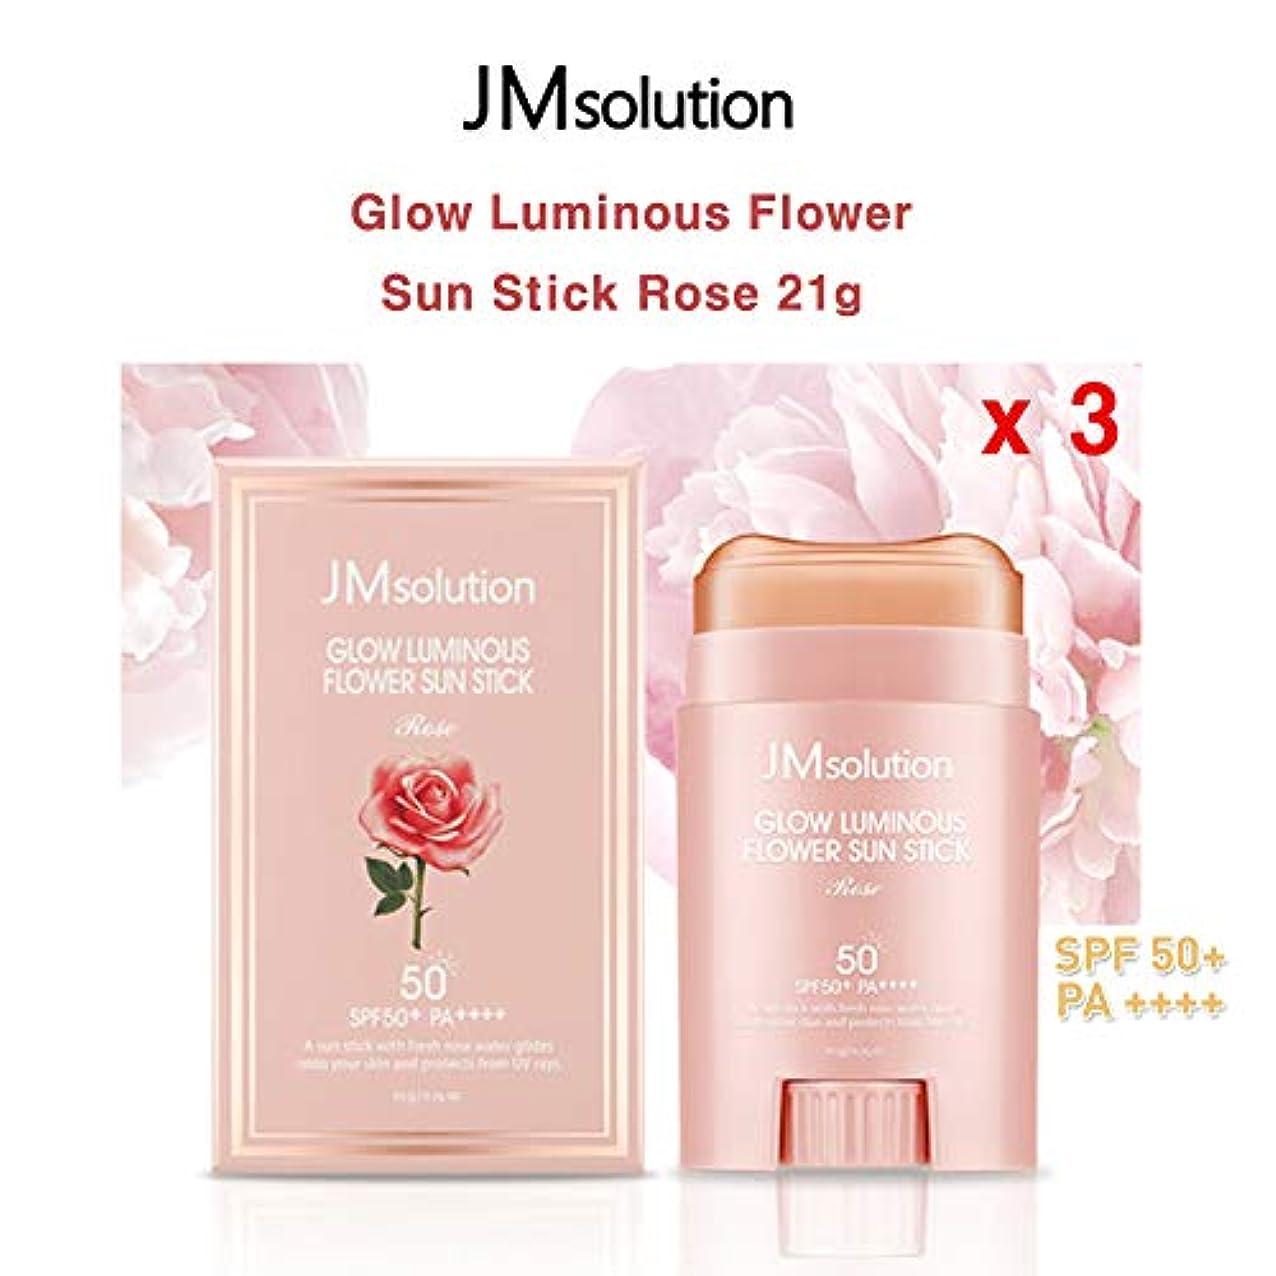 あえぎアストロラーベクレジットJM Solution ★1+1+1★ Glow Luminous Flower Sun Stick Rose 21g (spf50 PA) 光る輝く花Sun Stick Rose